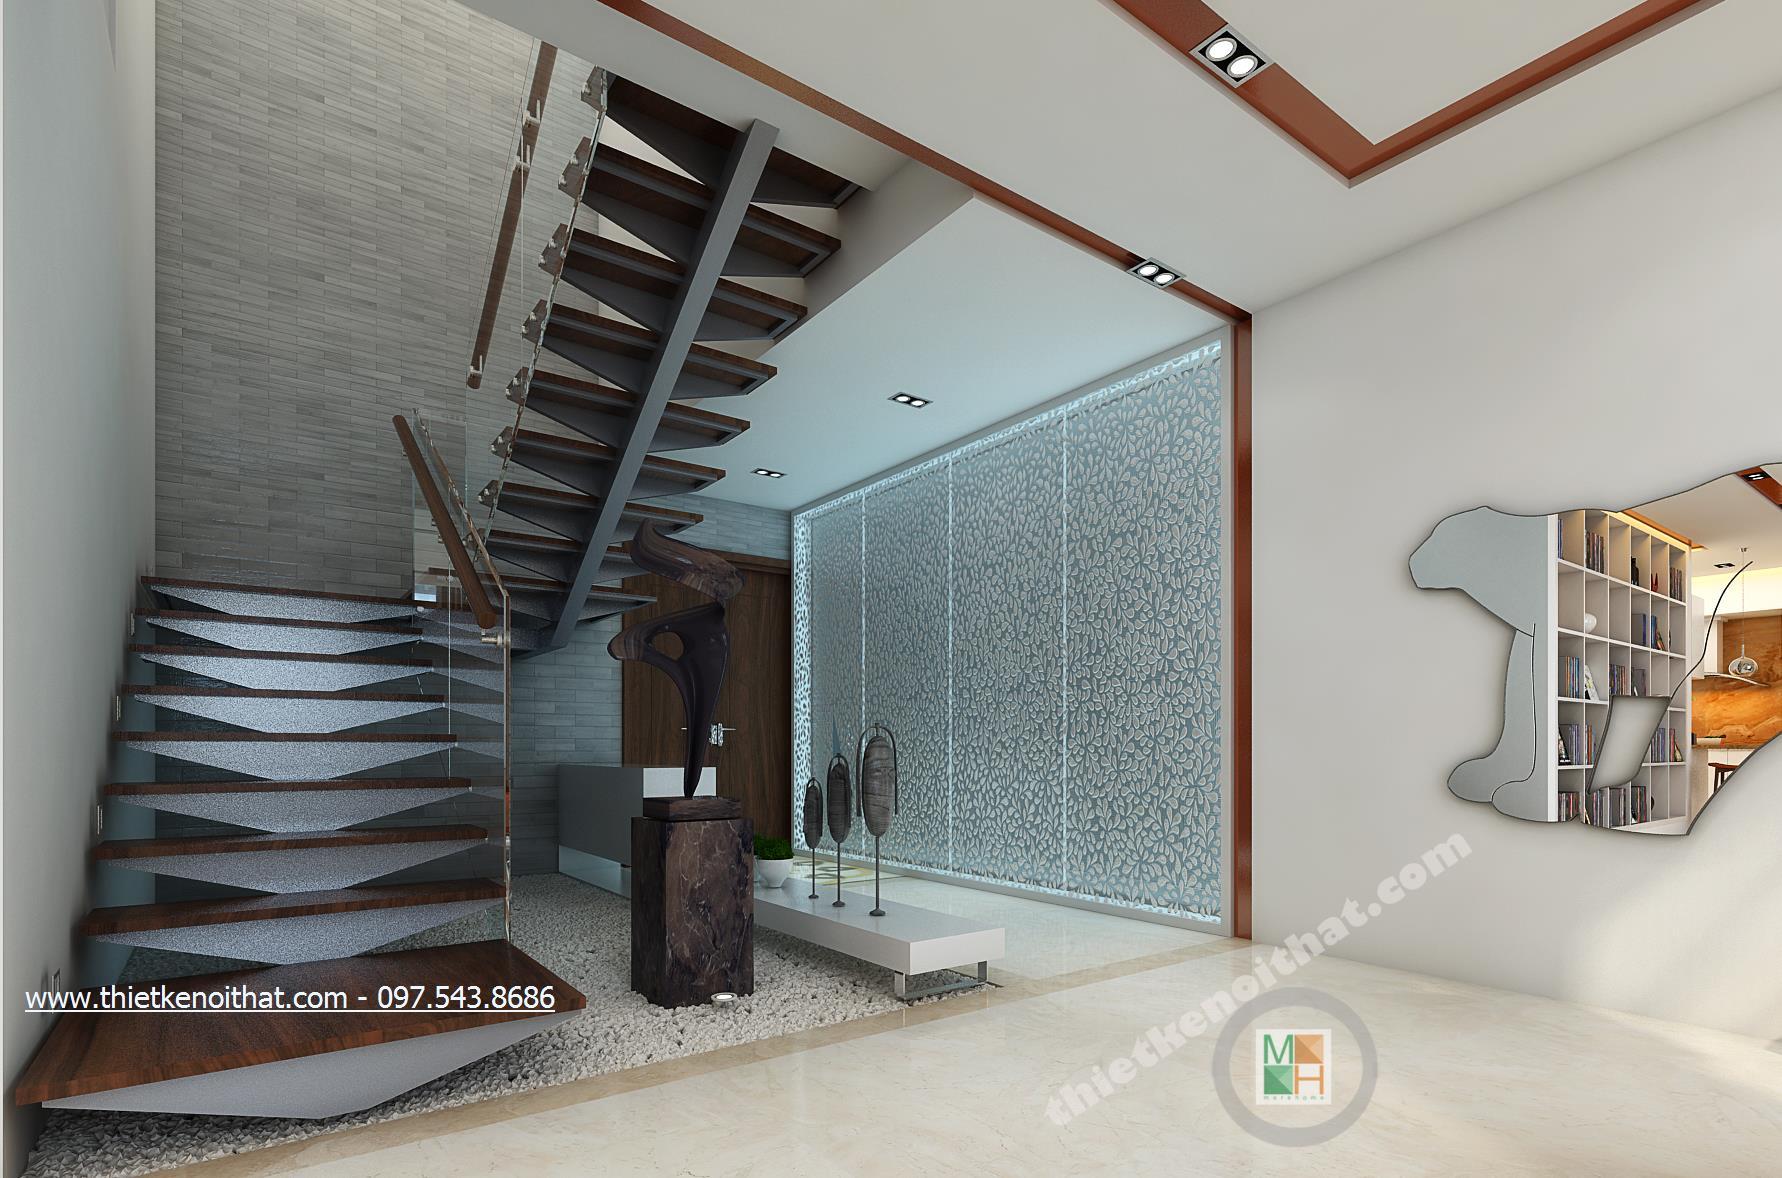 Thiết kế nội thất cầu thang chung cư Duplex Mandarin Garden phong cách hiện đại đẹp